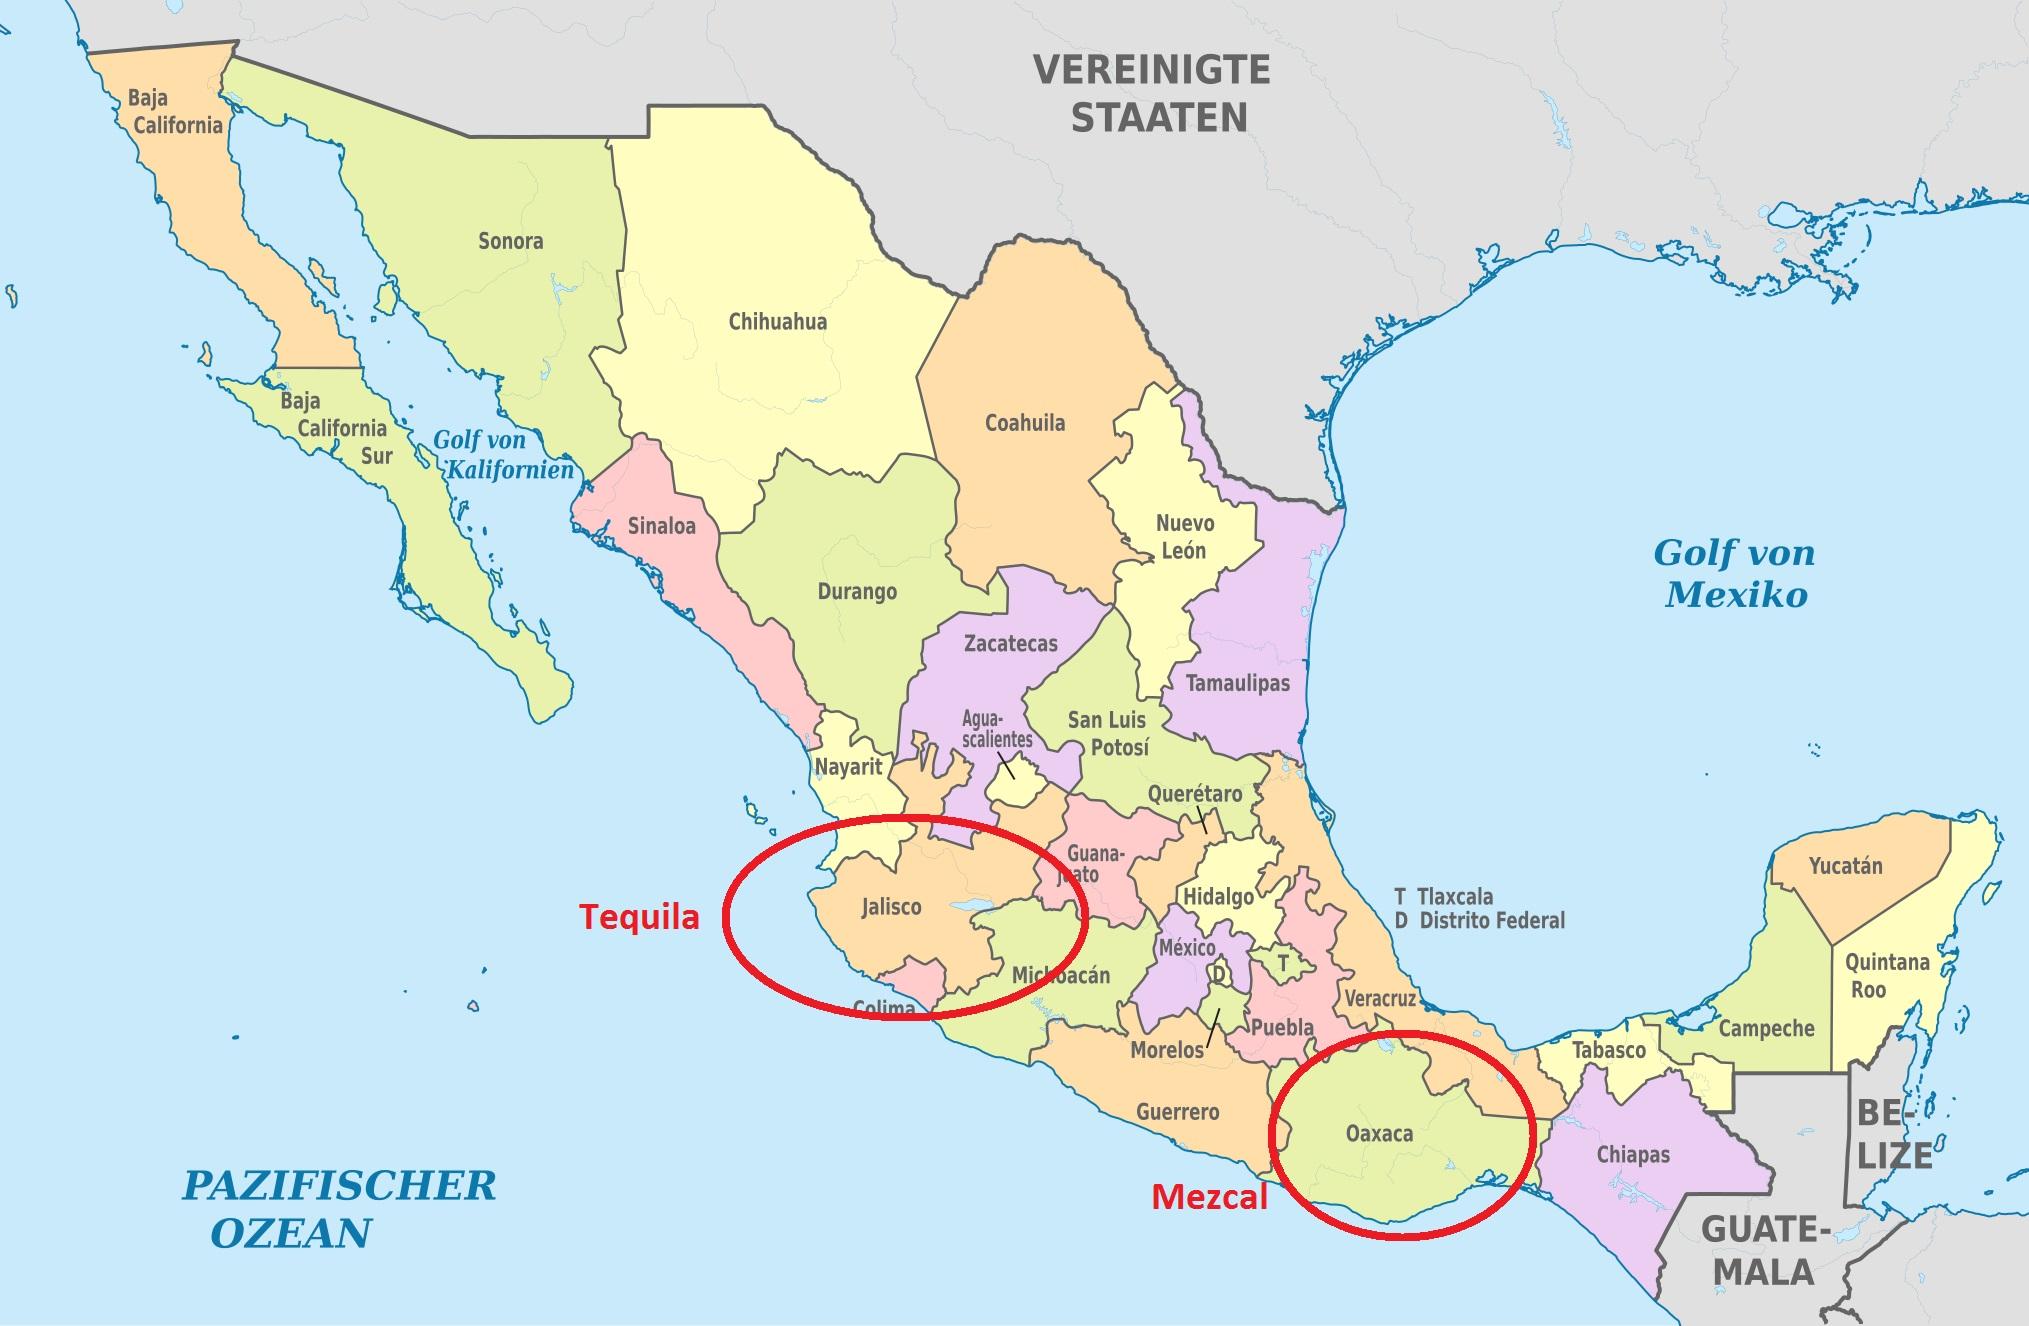 Herkunft Tequila und Mezcal